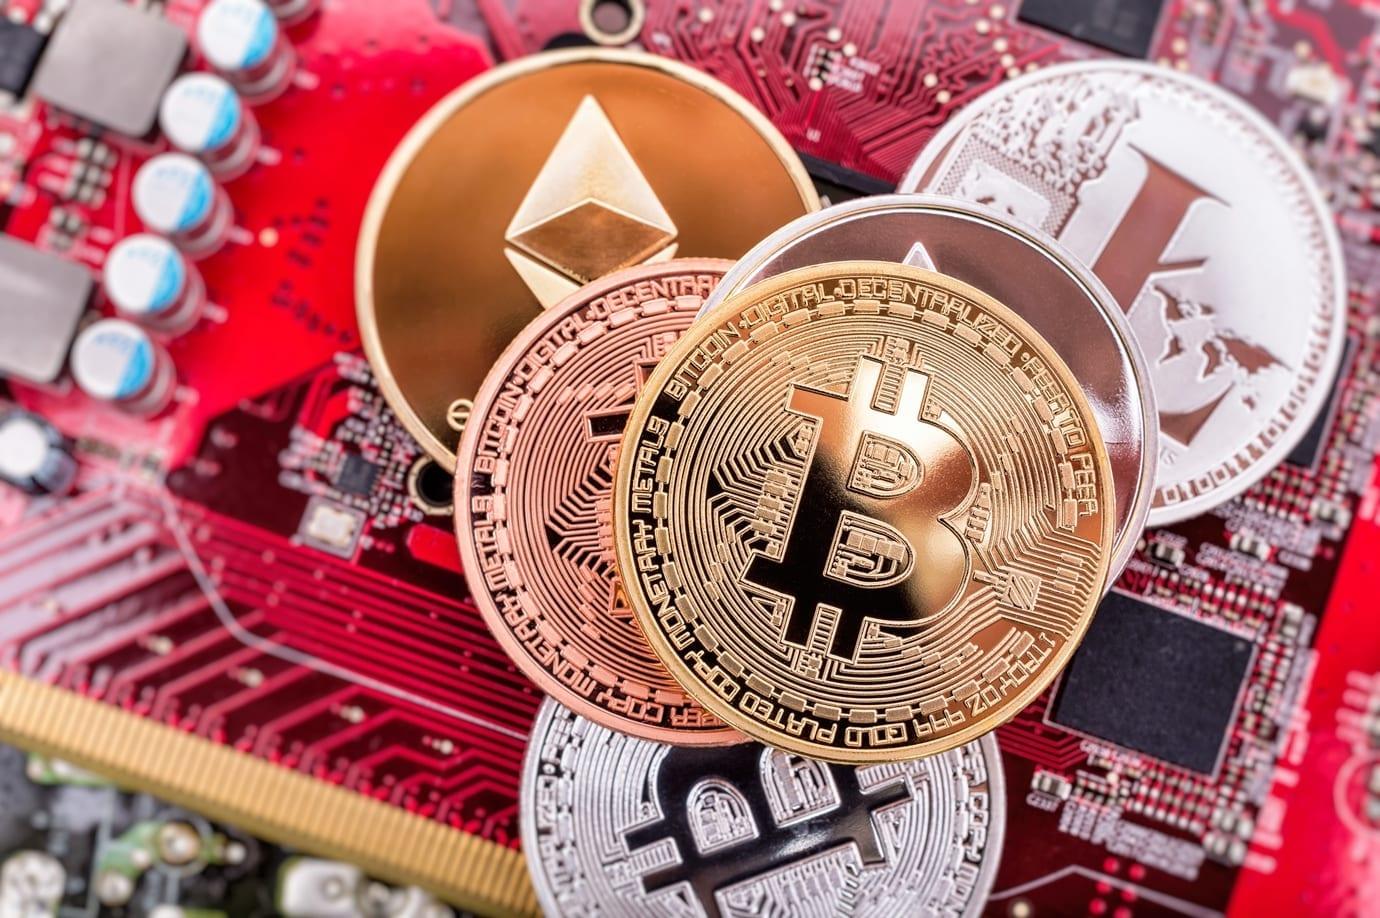 Les crypto-monnaies Bitcoin (BTC), Ethereum (ETH), Ripple (XRP) et Litecoin (LTC) ont connu une journée plutôt difficile sur le marché des cryptomonnaies, encaissant des pertes journalières de plus de 10% pour la plupart des devises numériques.